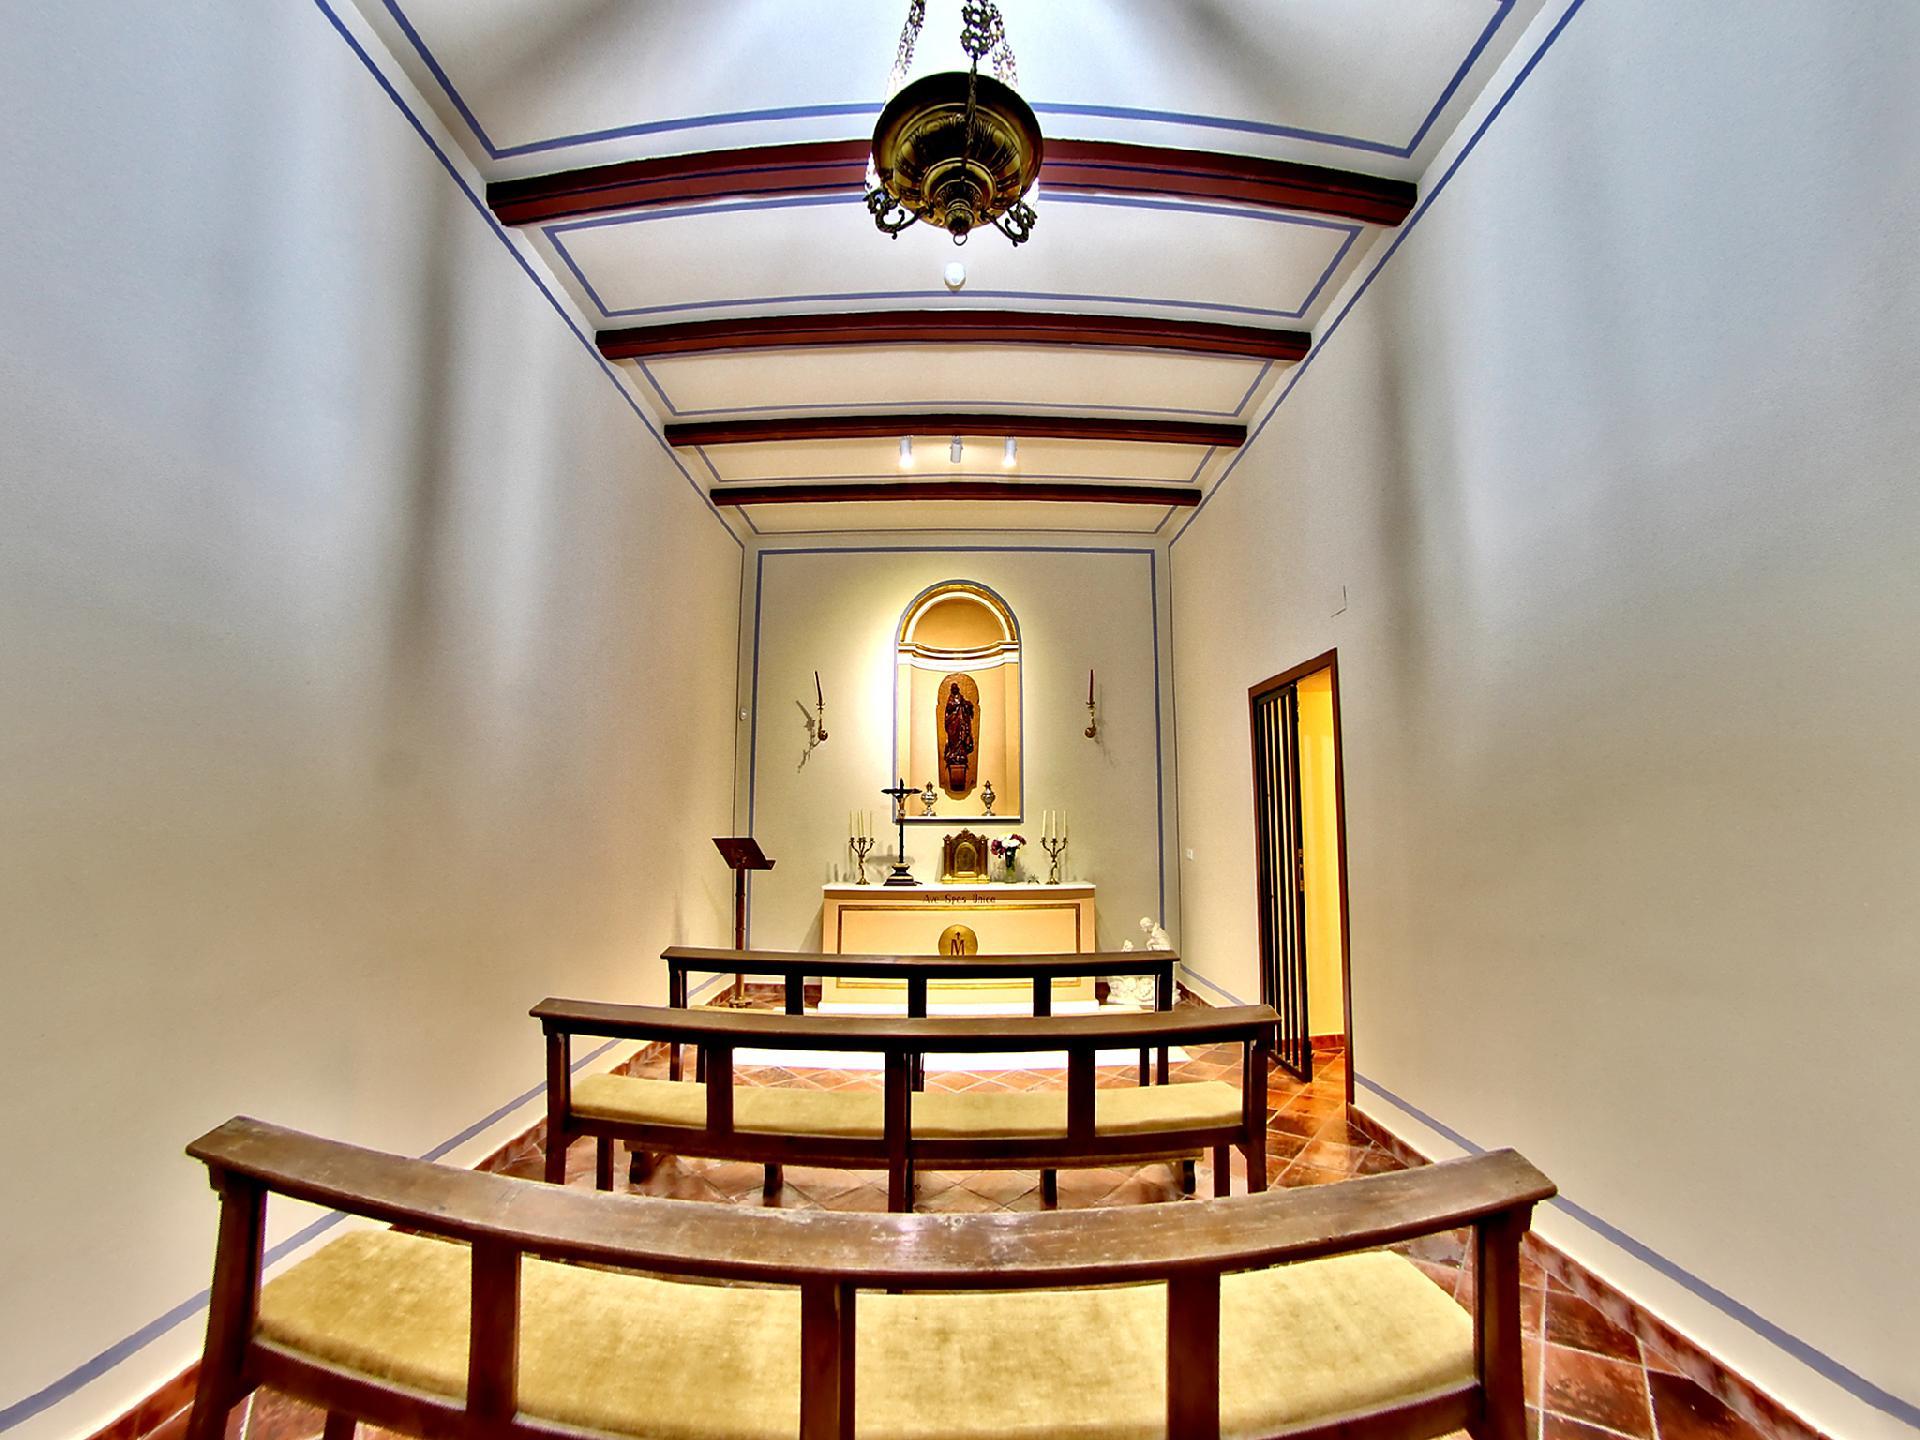 Interiores finca san agustin for Titulo decorador de interiores